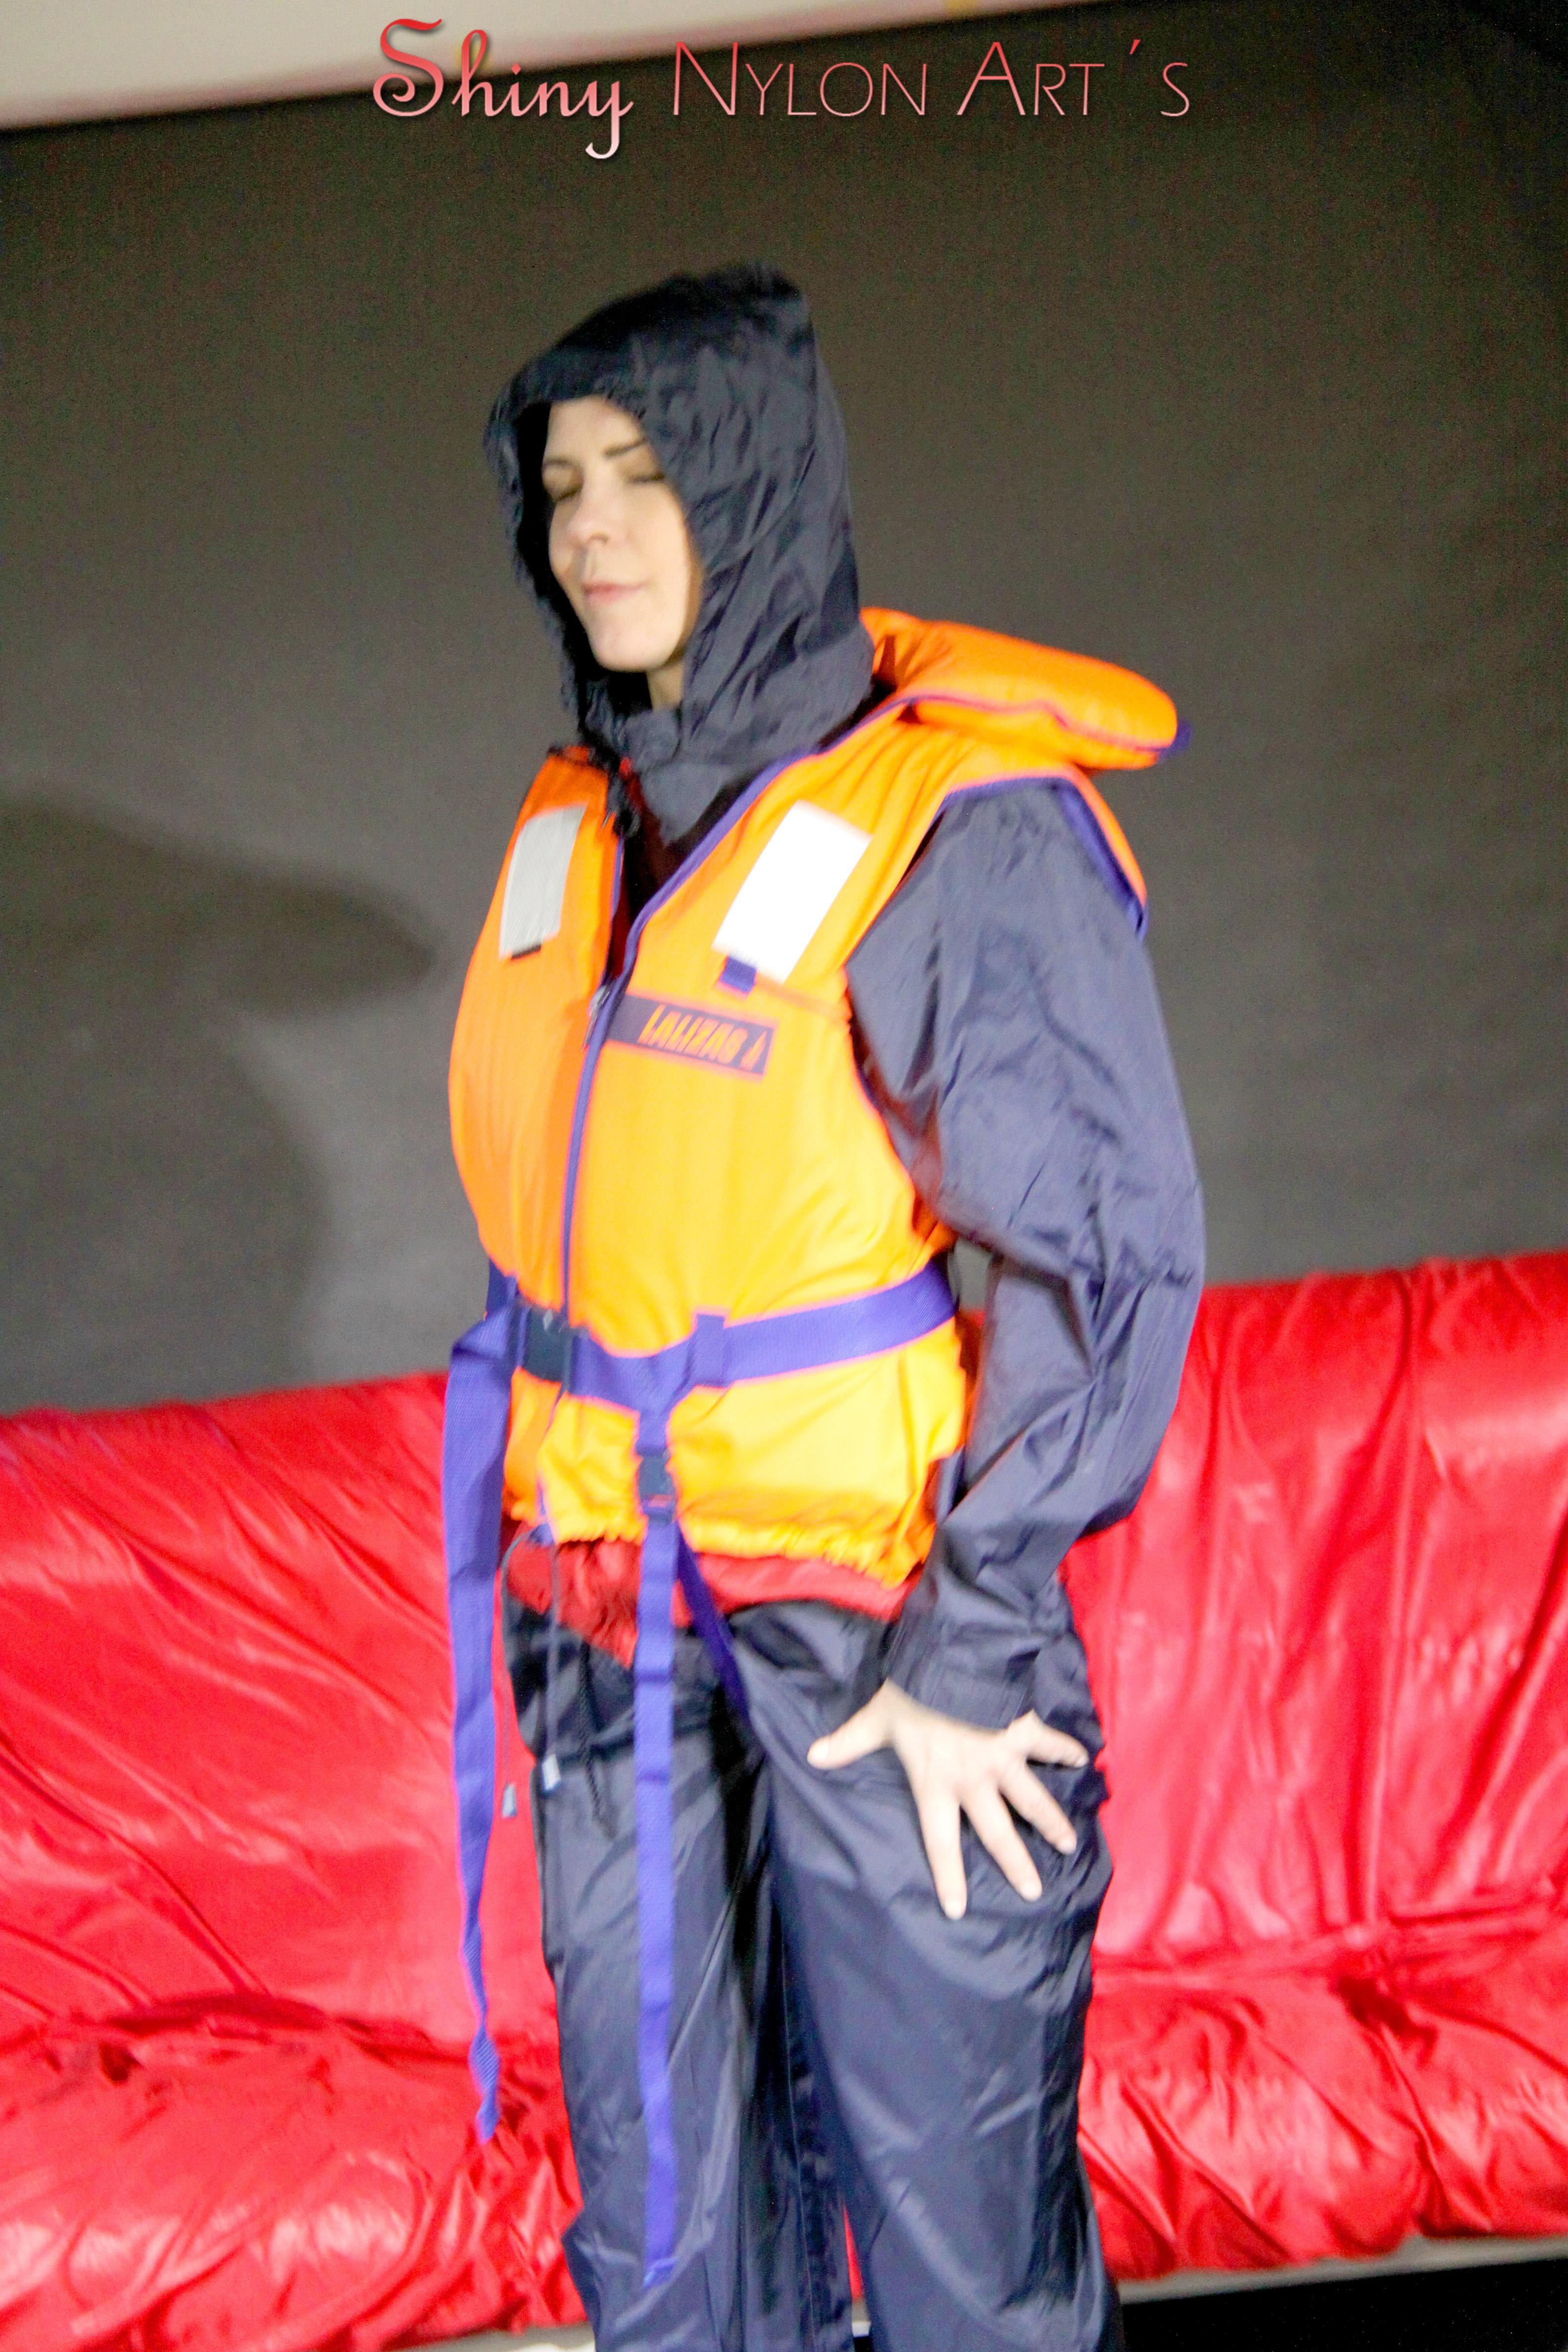 Life jacket and bondage